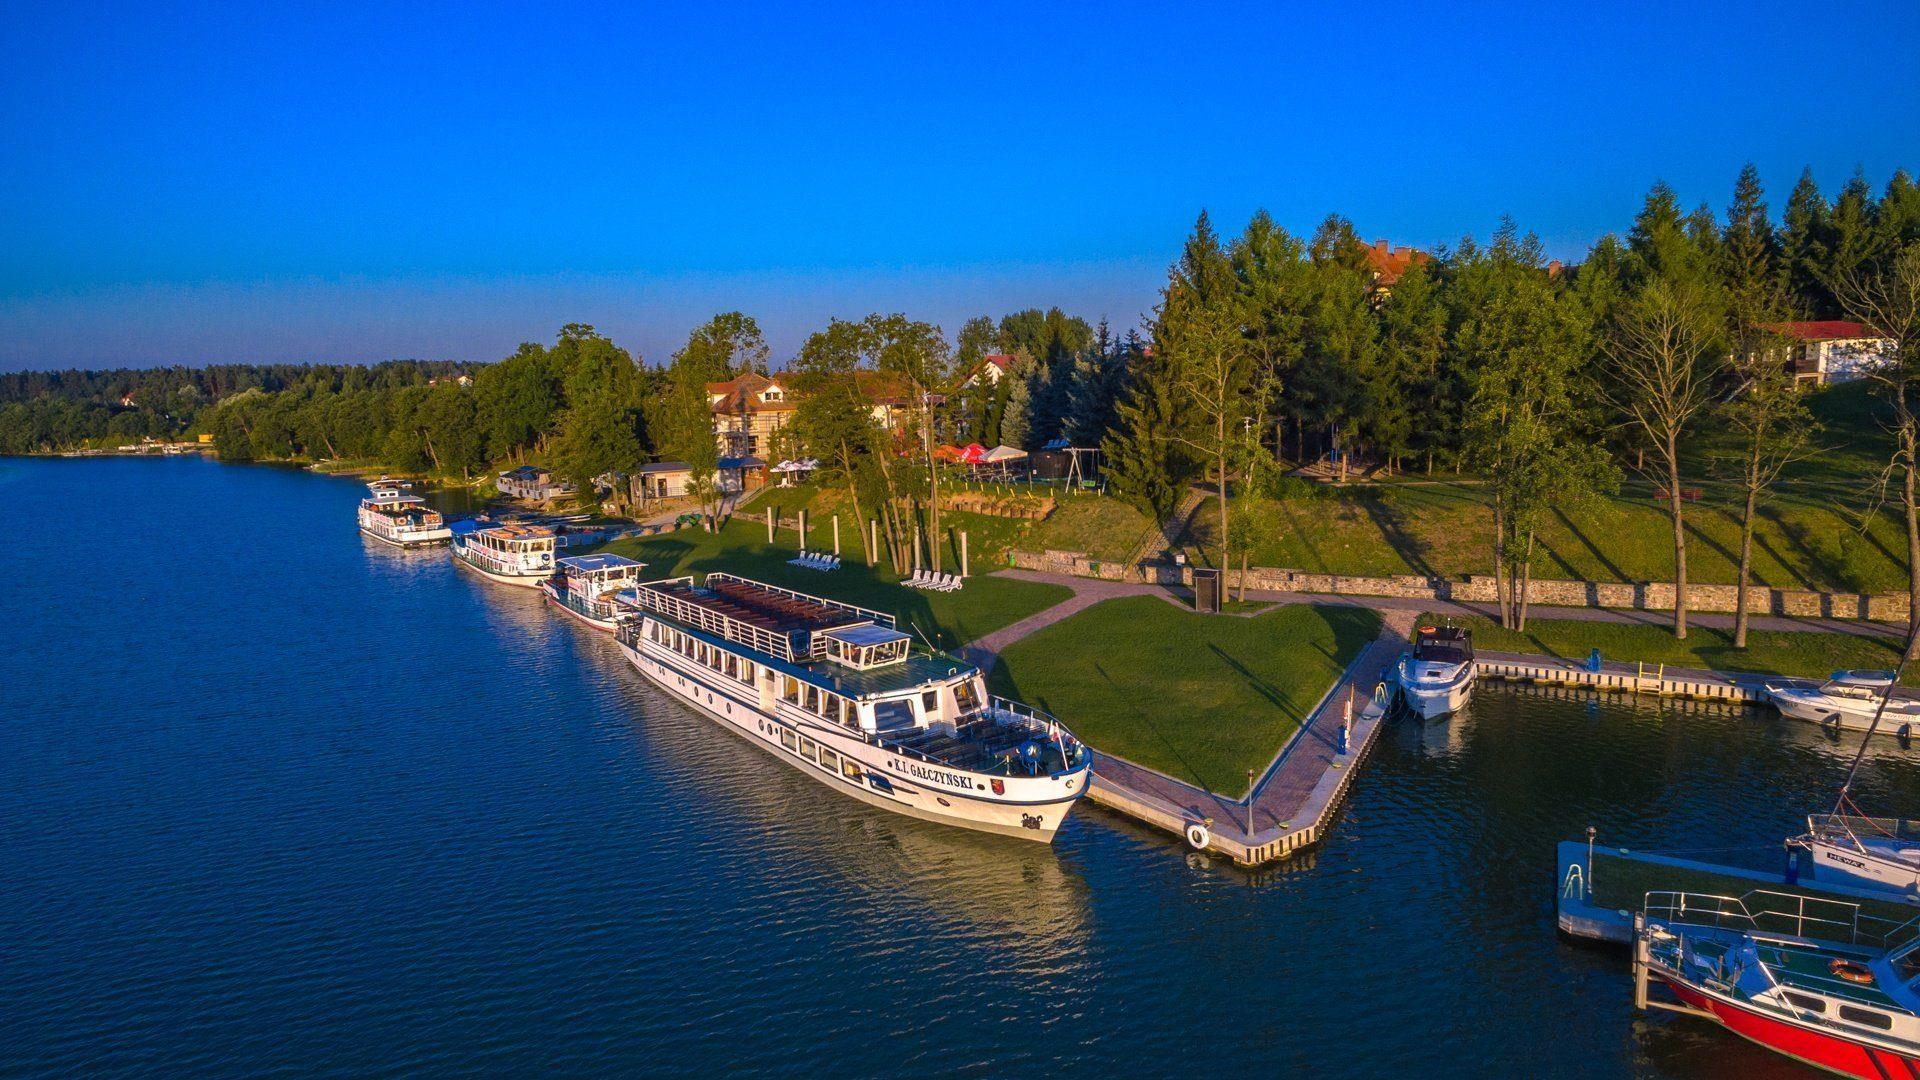 Hotelową flotą po jeziorach